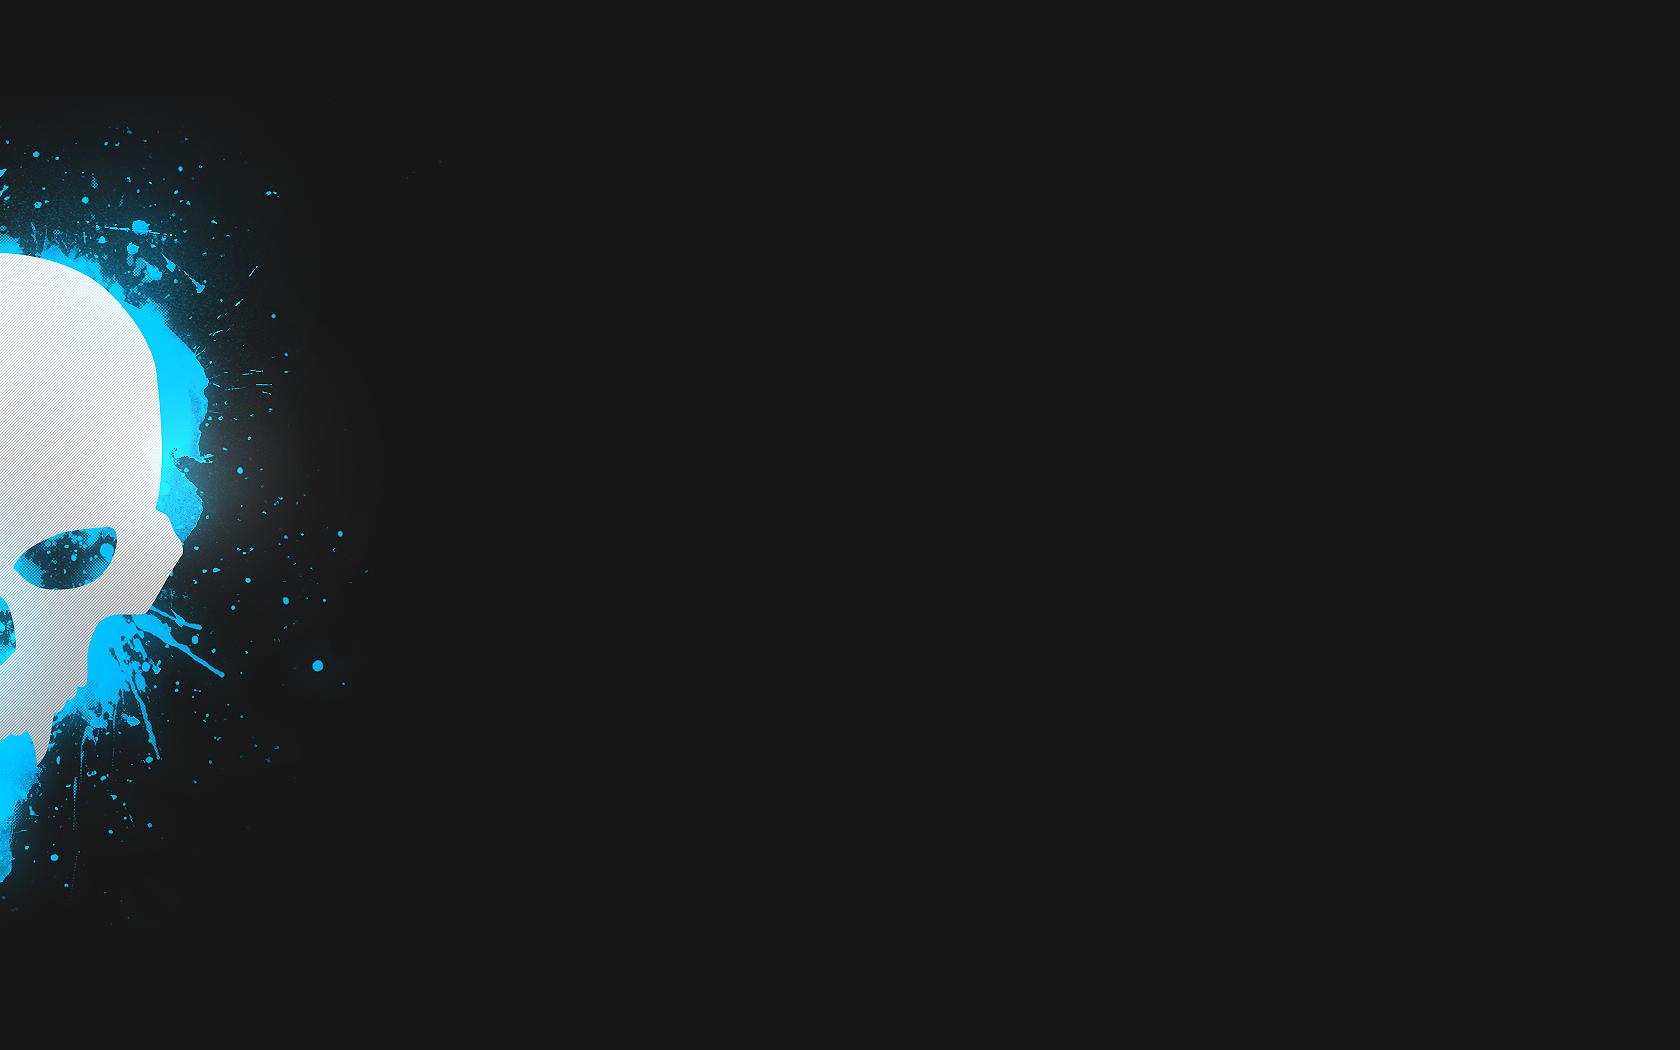 Blue Skull Best Twitter Backgrounds 1680x1050